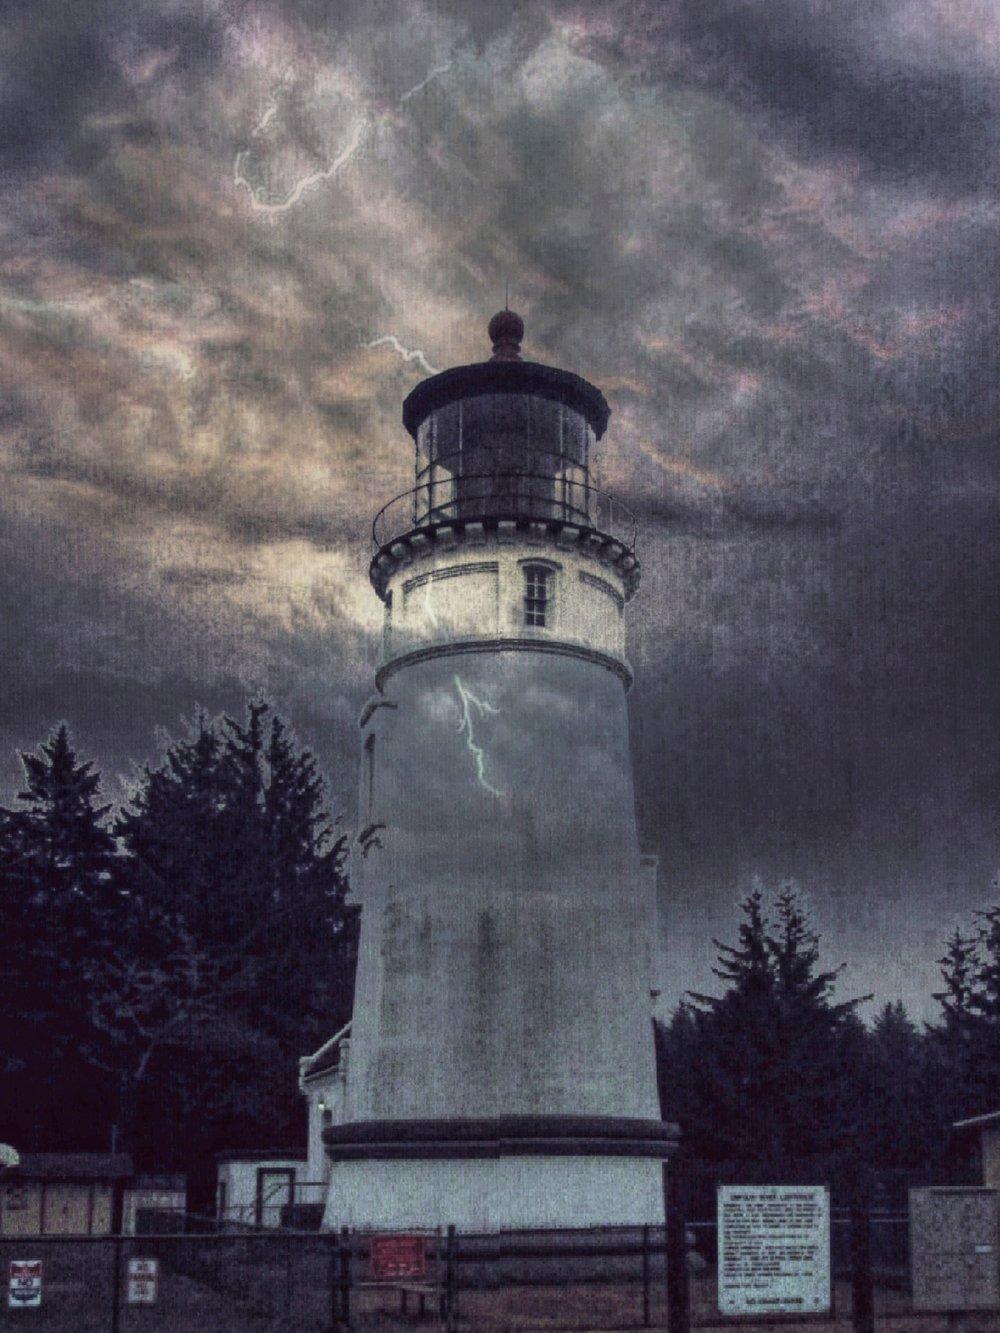 lighthoue=-thundering-photo